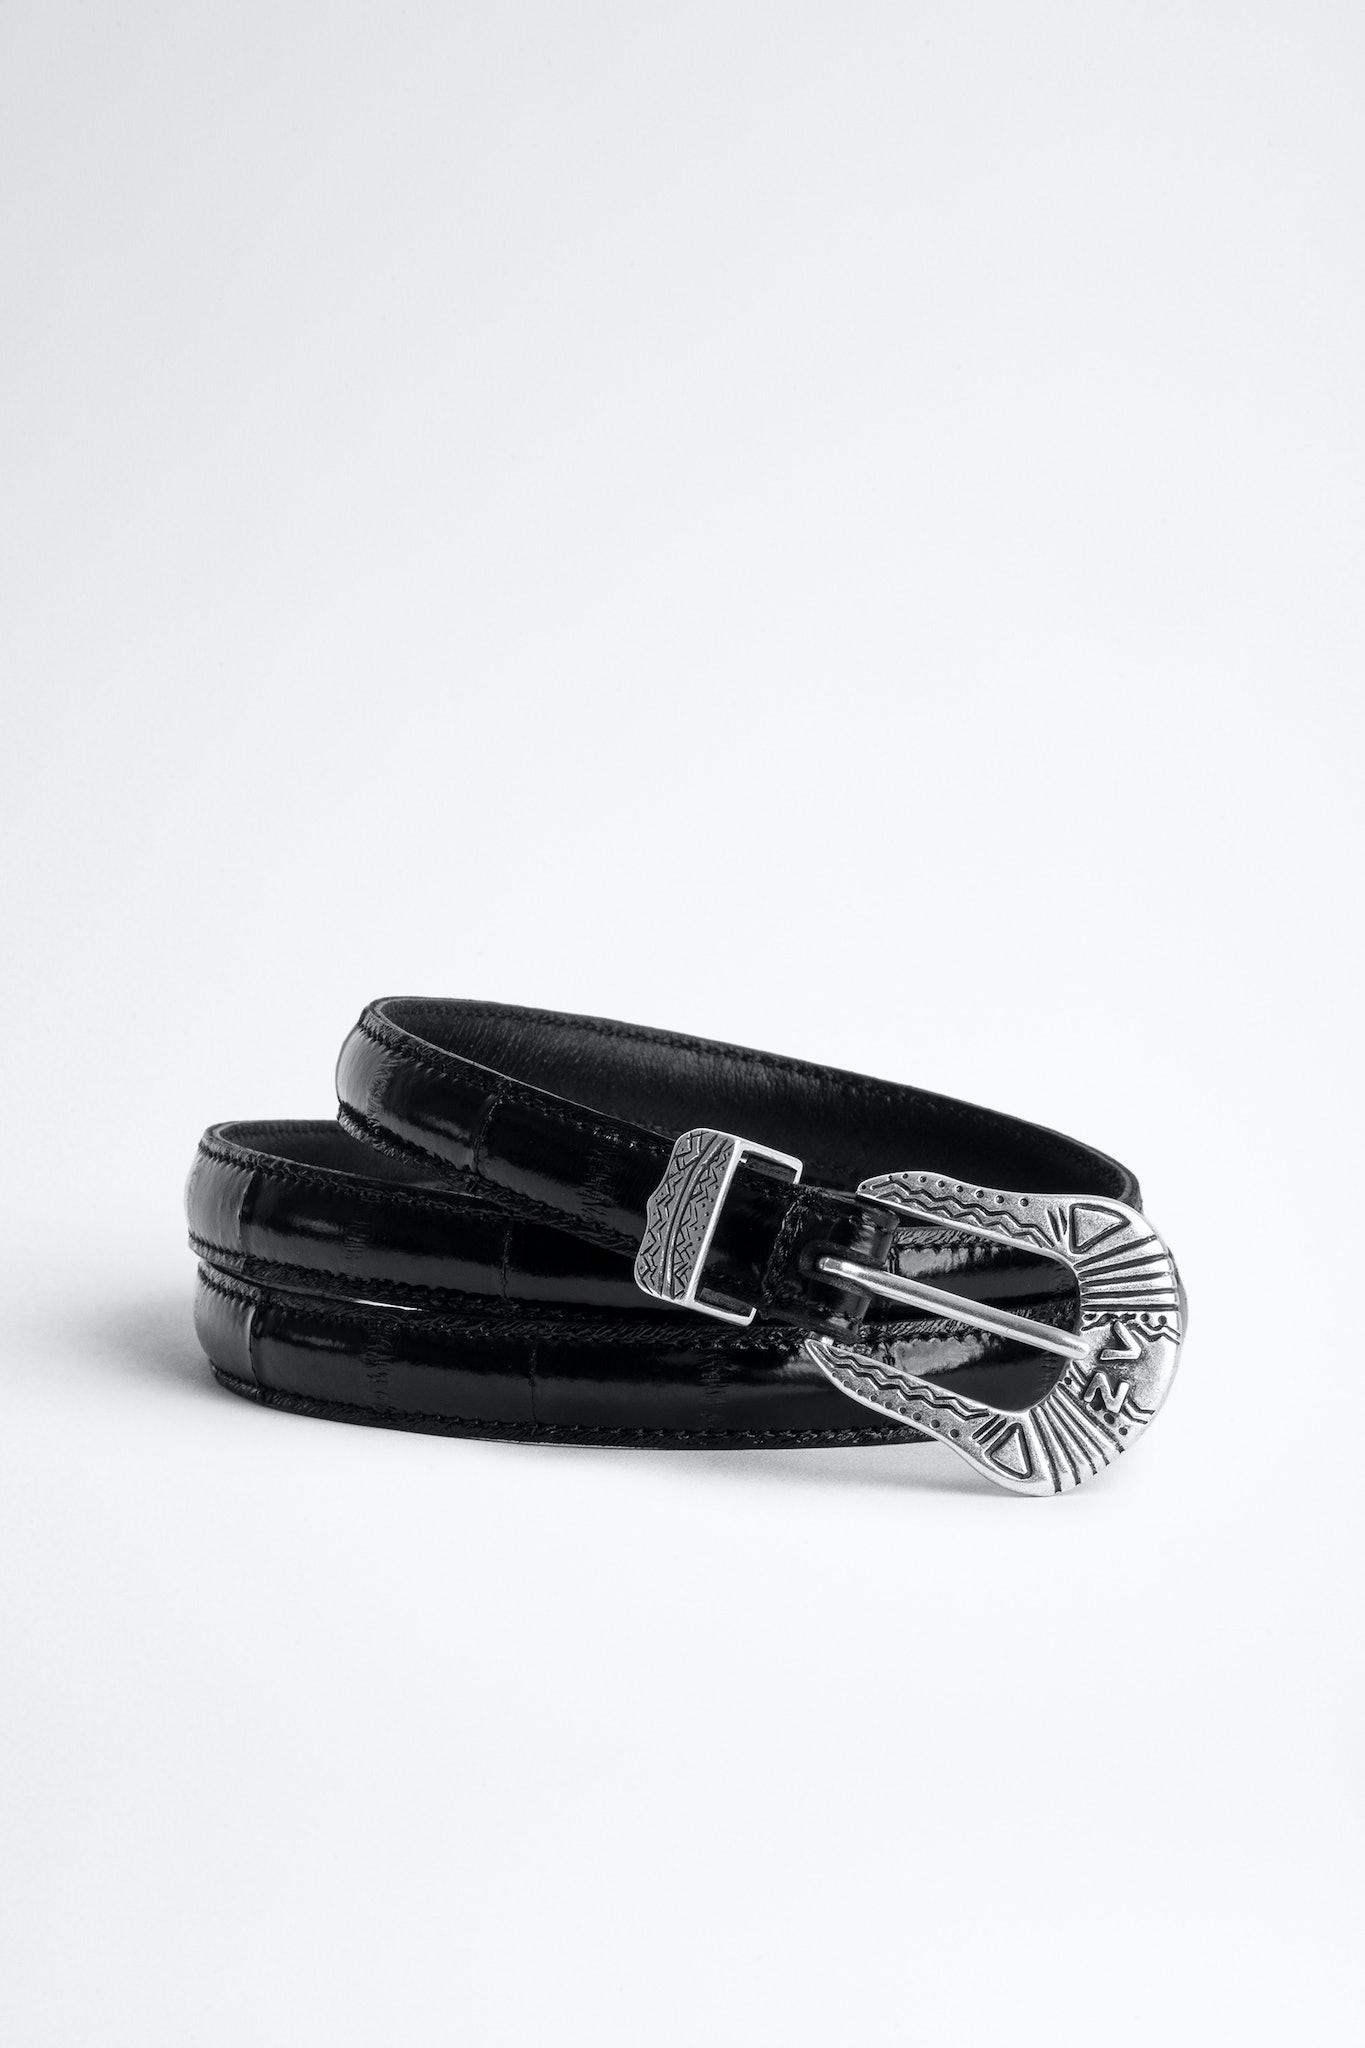 Cinturón Sya